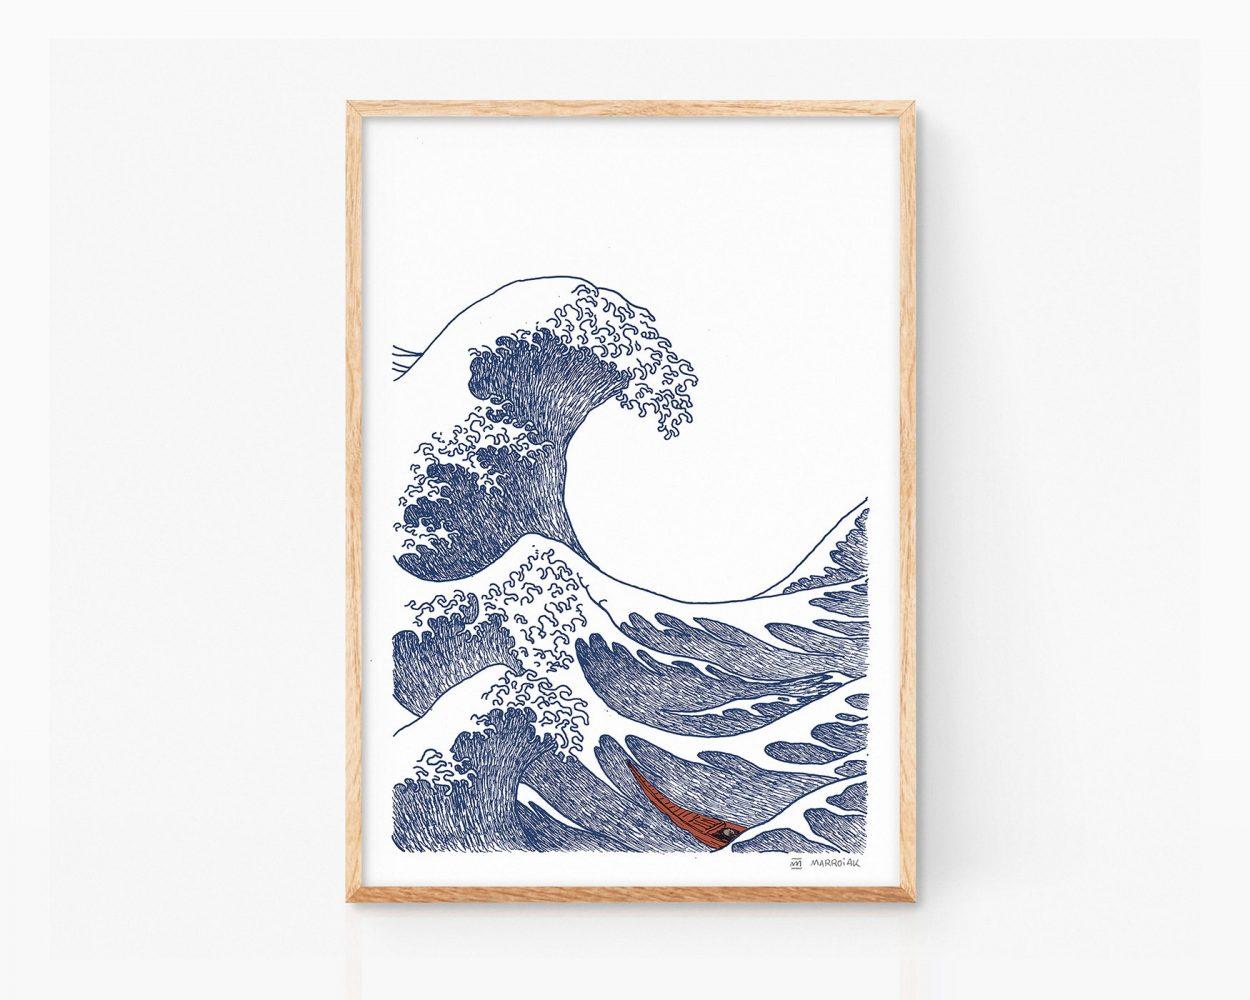 Ukiyo-e illustration print of the Great Wave off Kanagawa by Japanese artist Hokusai. Minimalist drawing. Art